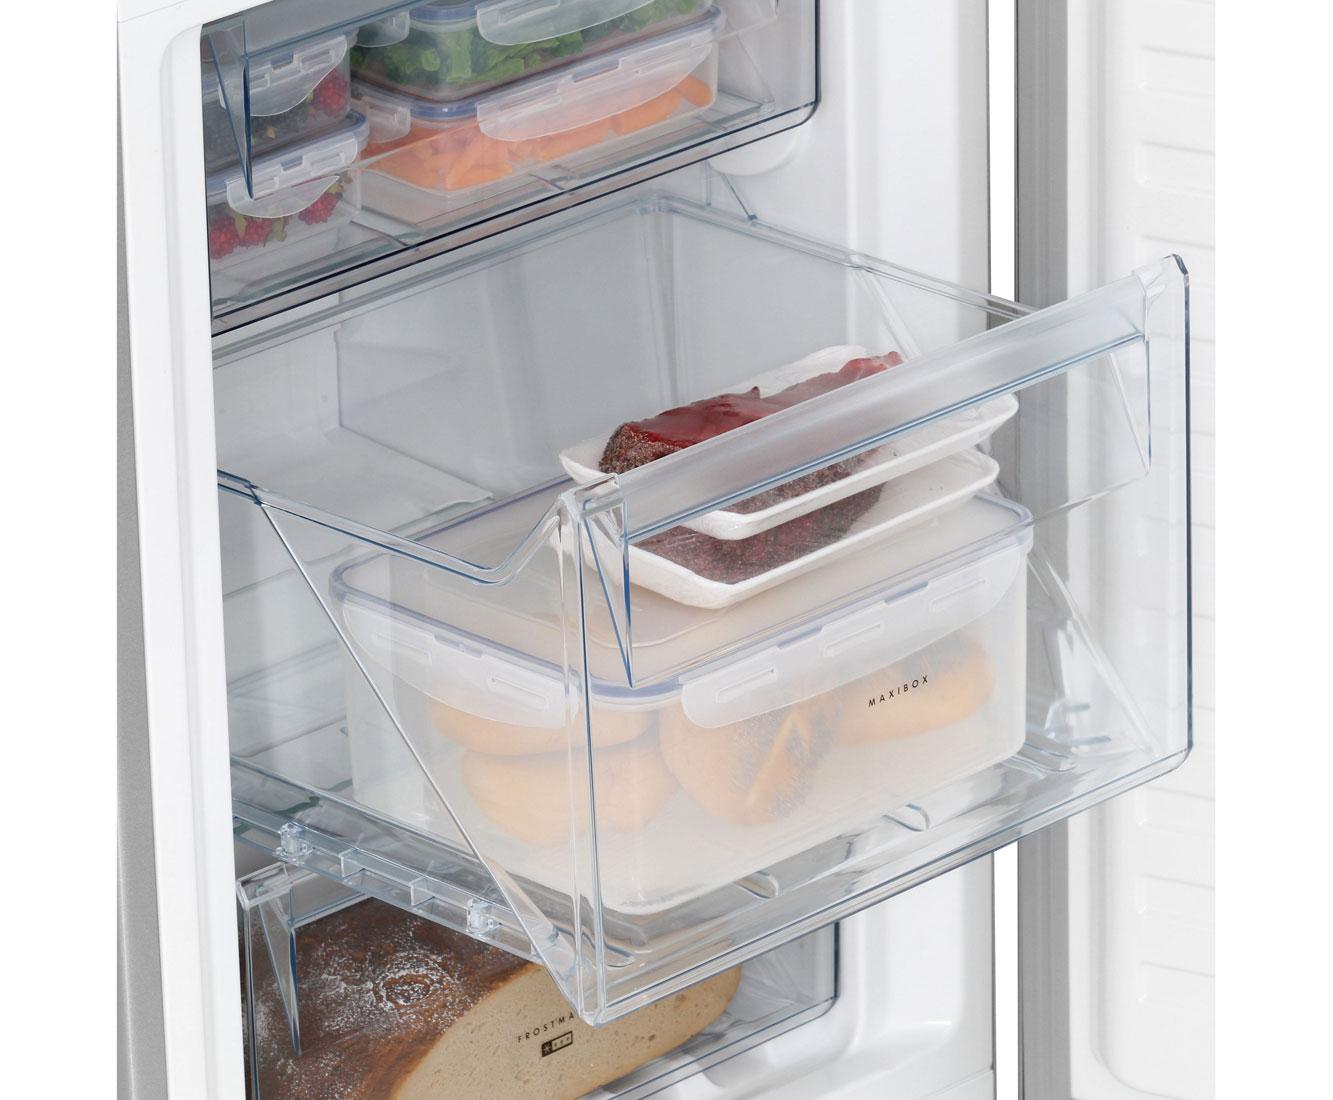 Aeg Electrolux Santo Kühlschrank : Aeg santo s cnx kühl gefrierkombination mit no frost er